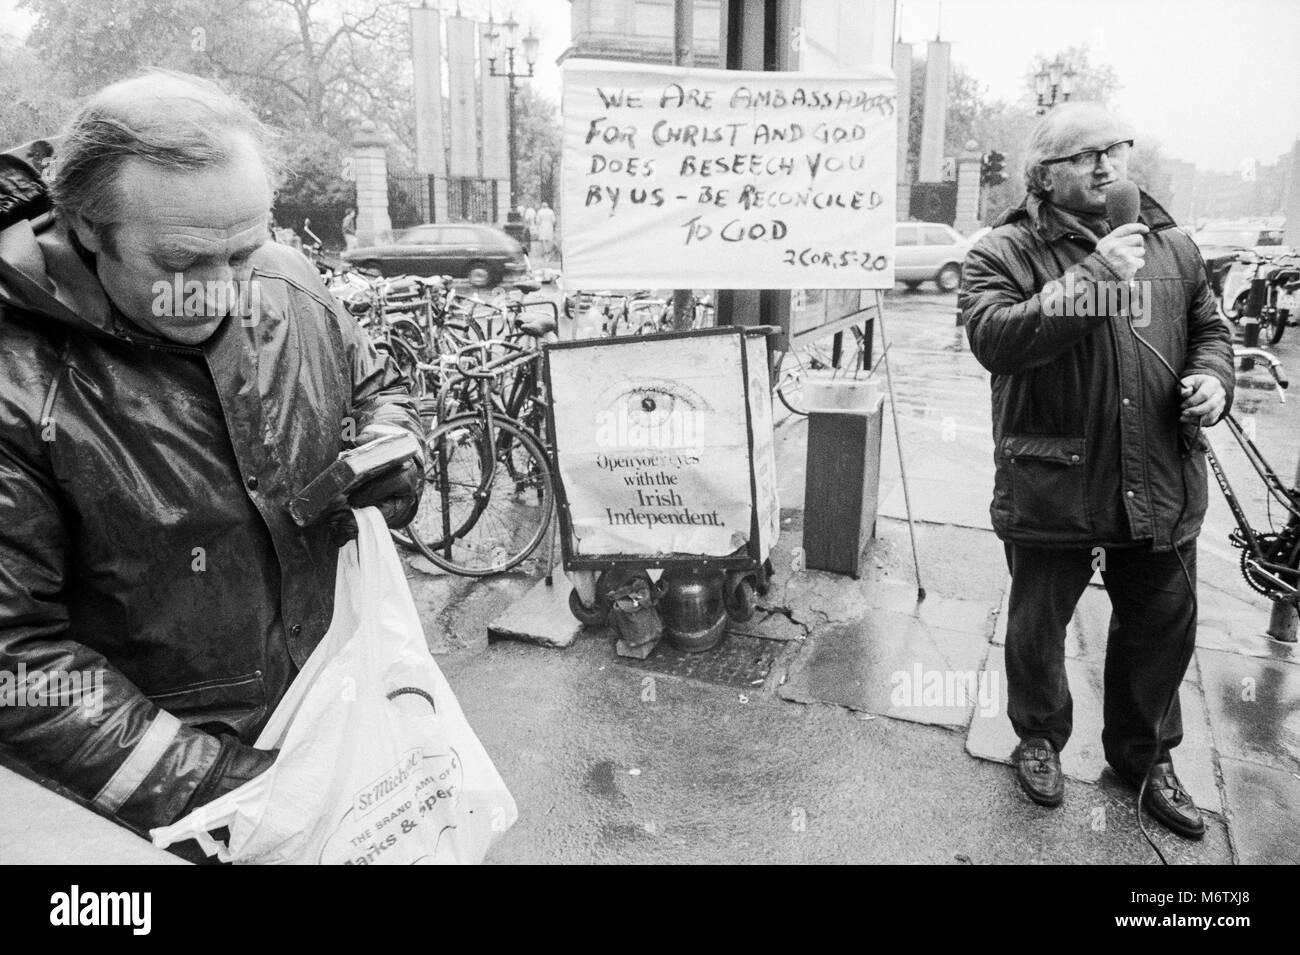 Drei Männer, die in die Straße an St. Stephens Green predigt, Stadtzentrum Dublin, Irland, Archivierung Stockbild